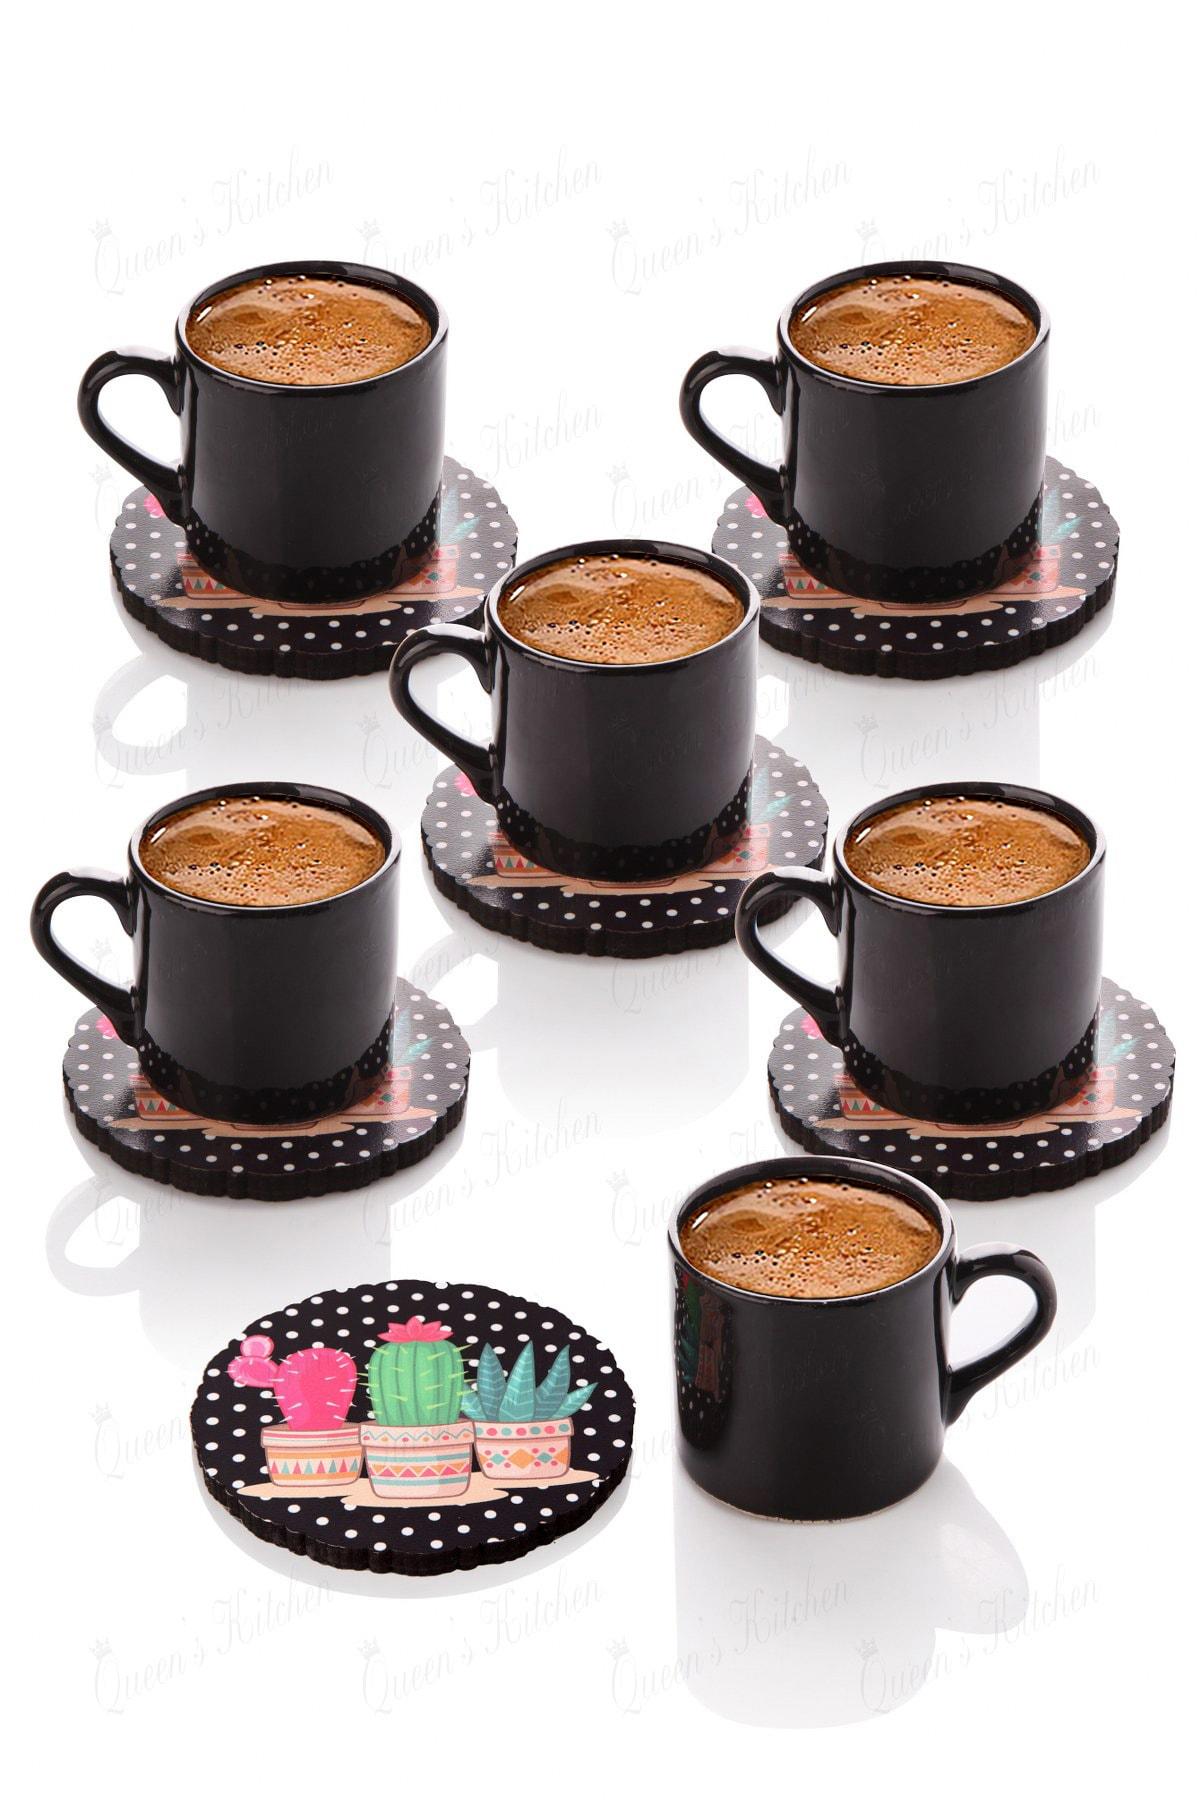 6 Kişilik Kaktüs Tabaklı Türk Kahvesi Takımı